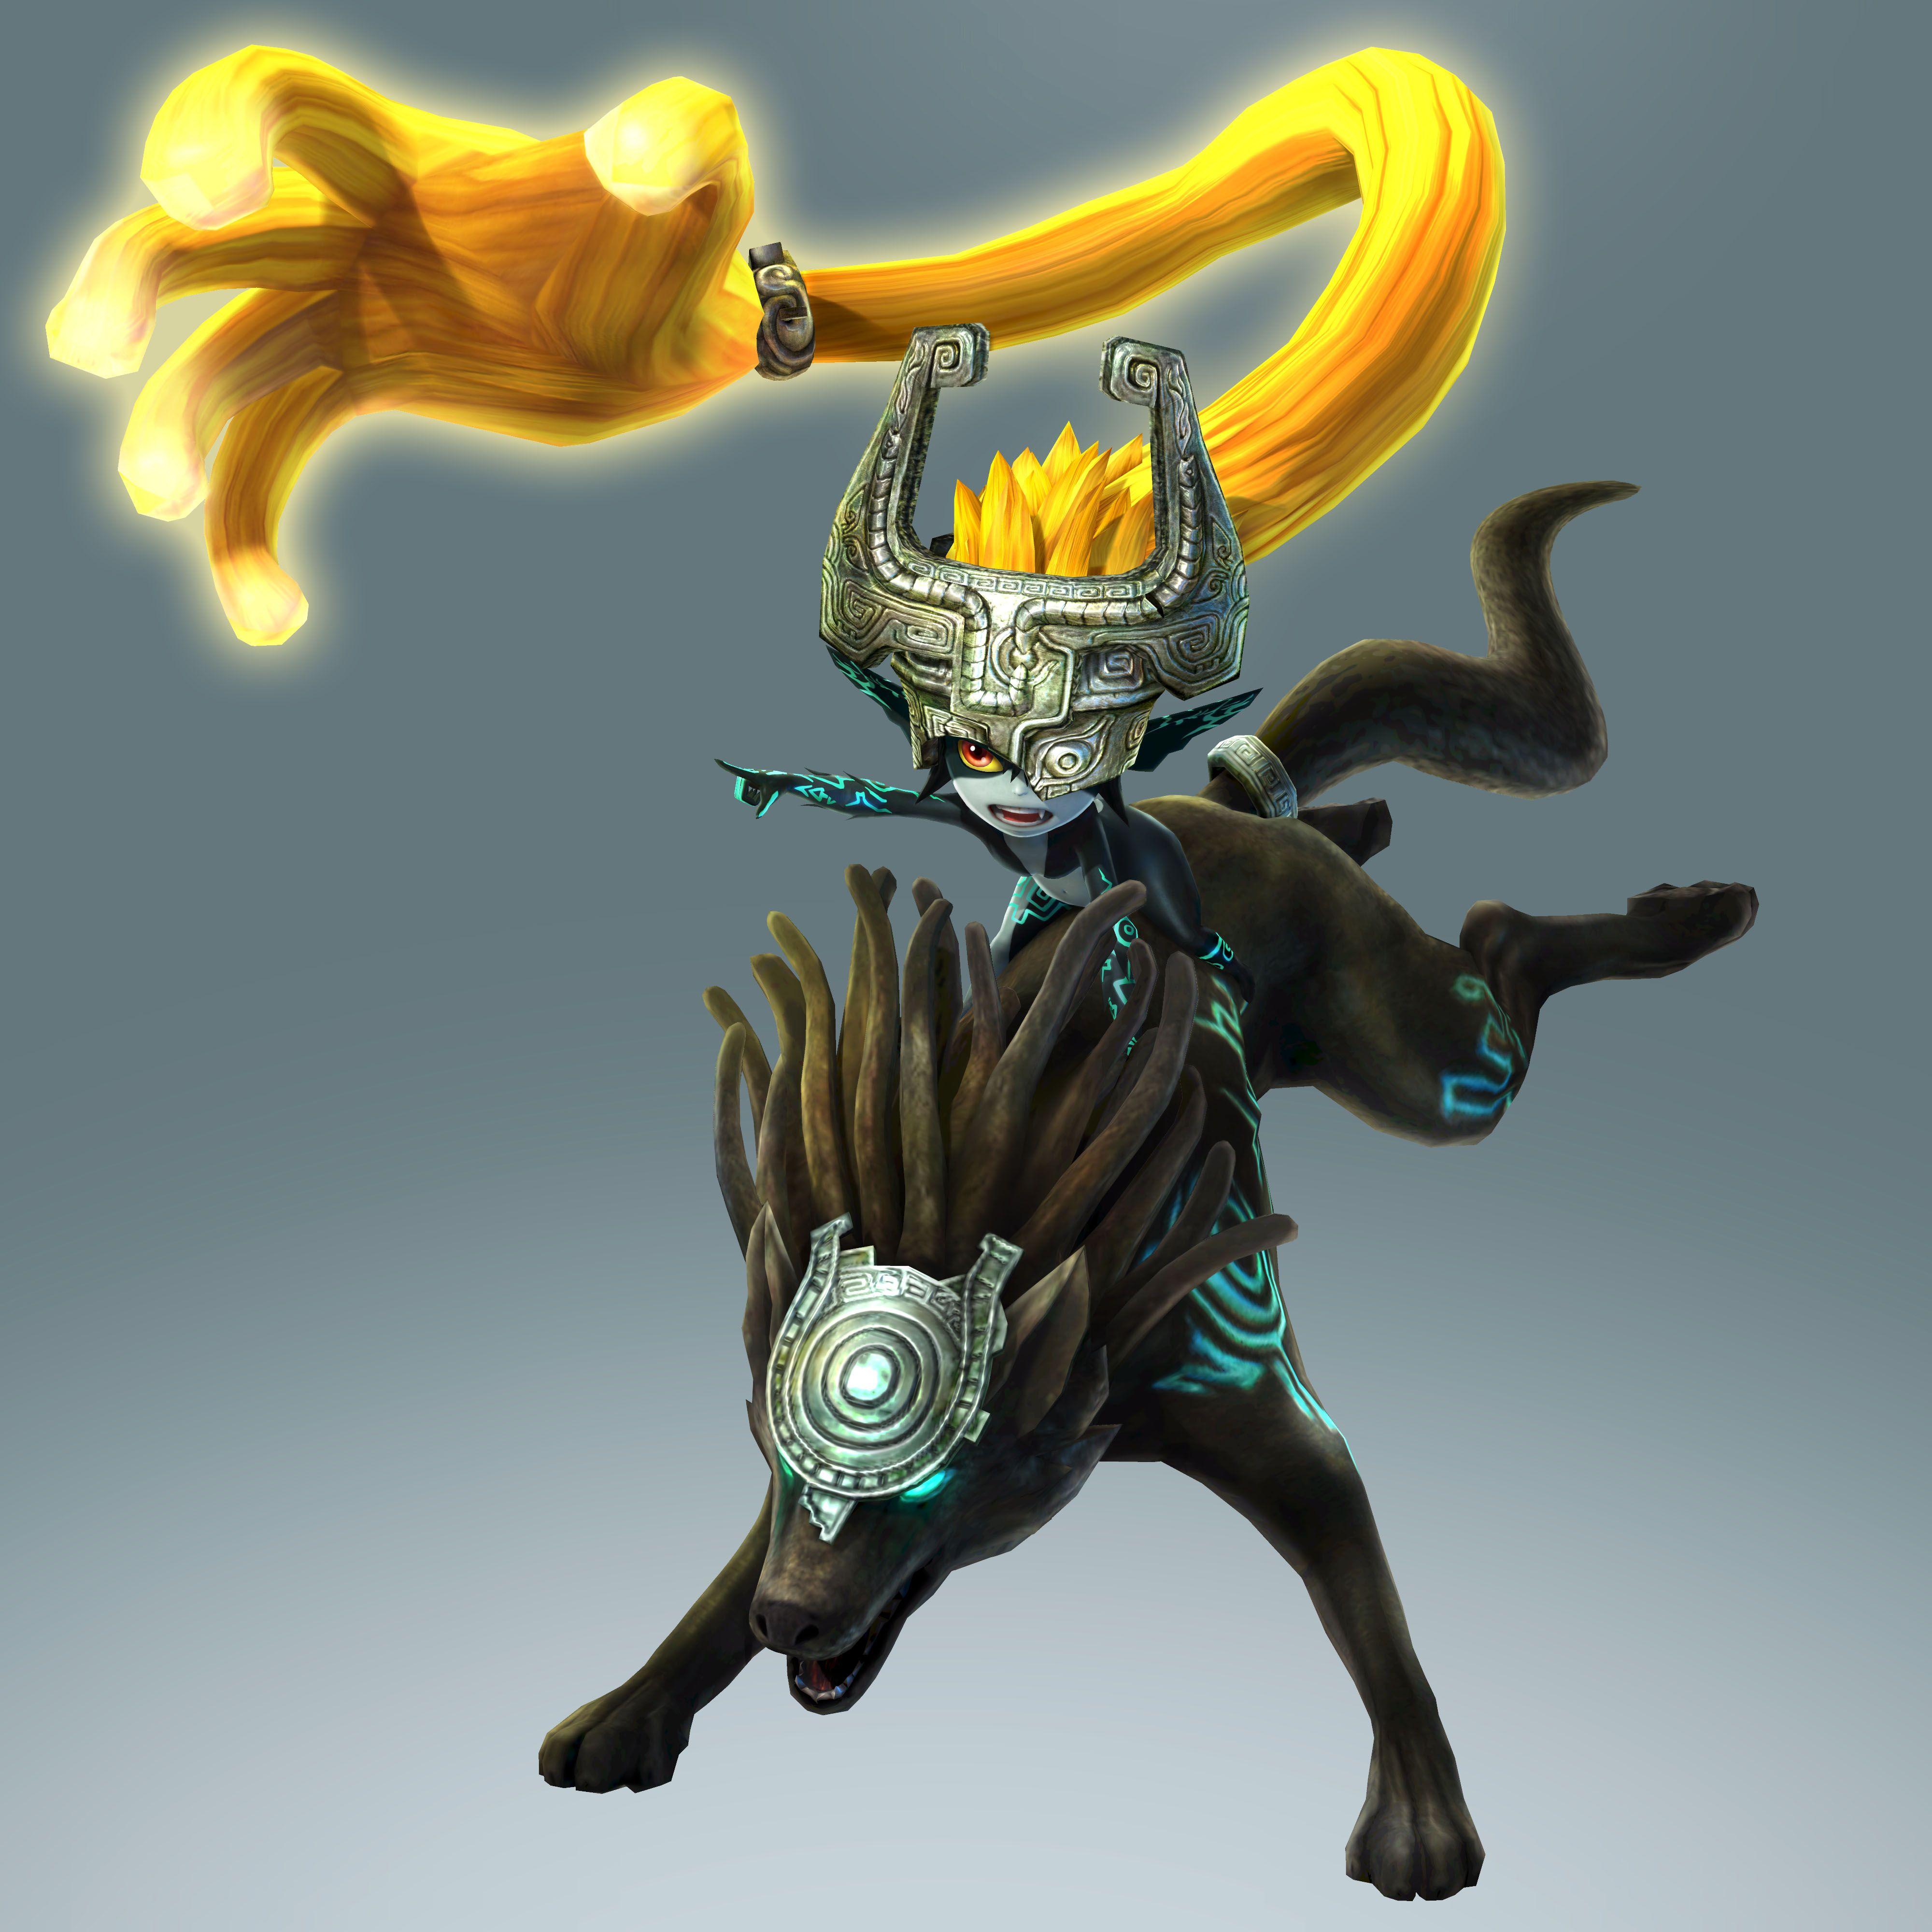 Hyrule Warriors Presentati Quattro Nuovi Personaggi Personaggi The Legend Of Zelda Videogiochi